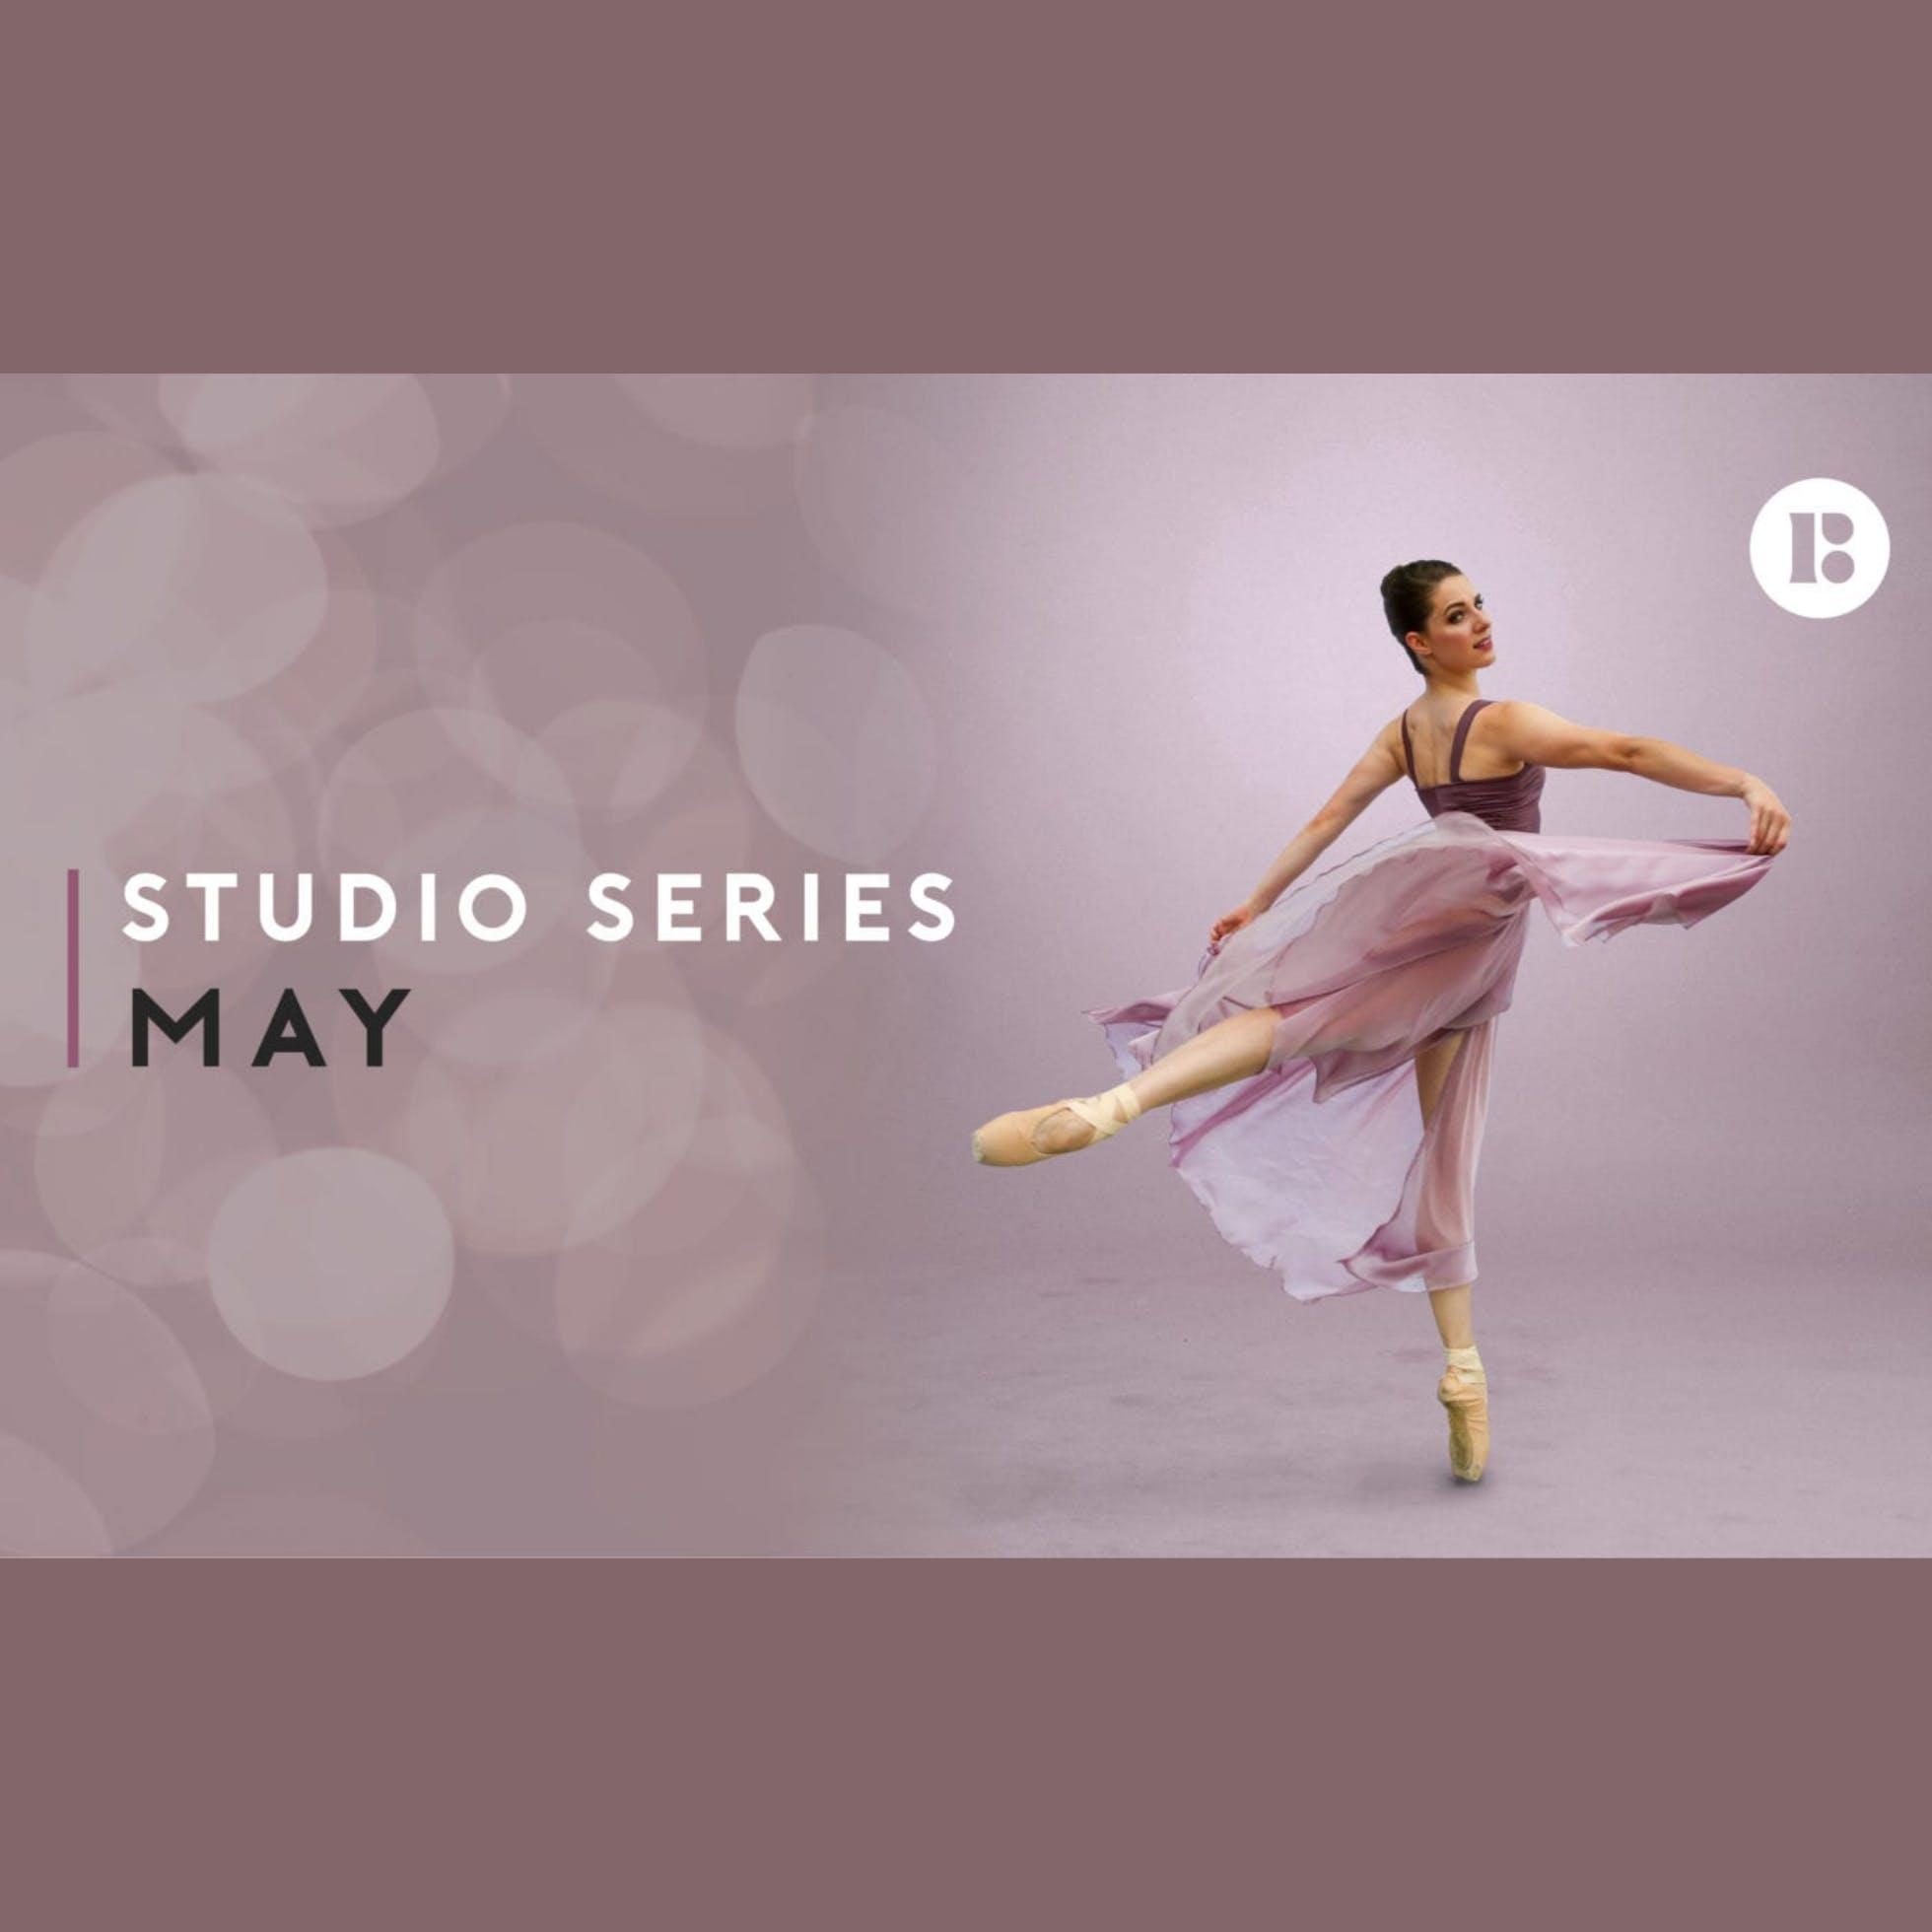 Studio Series: May